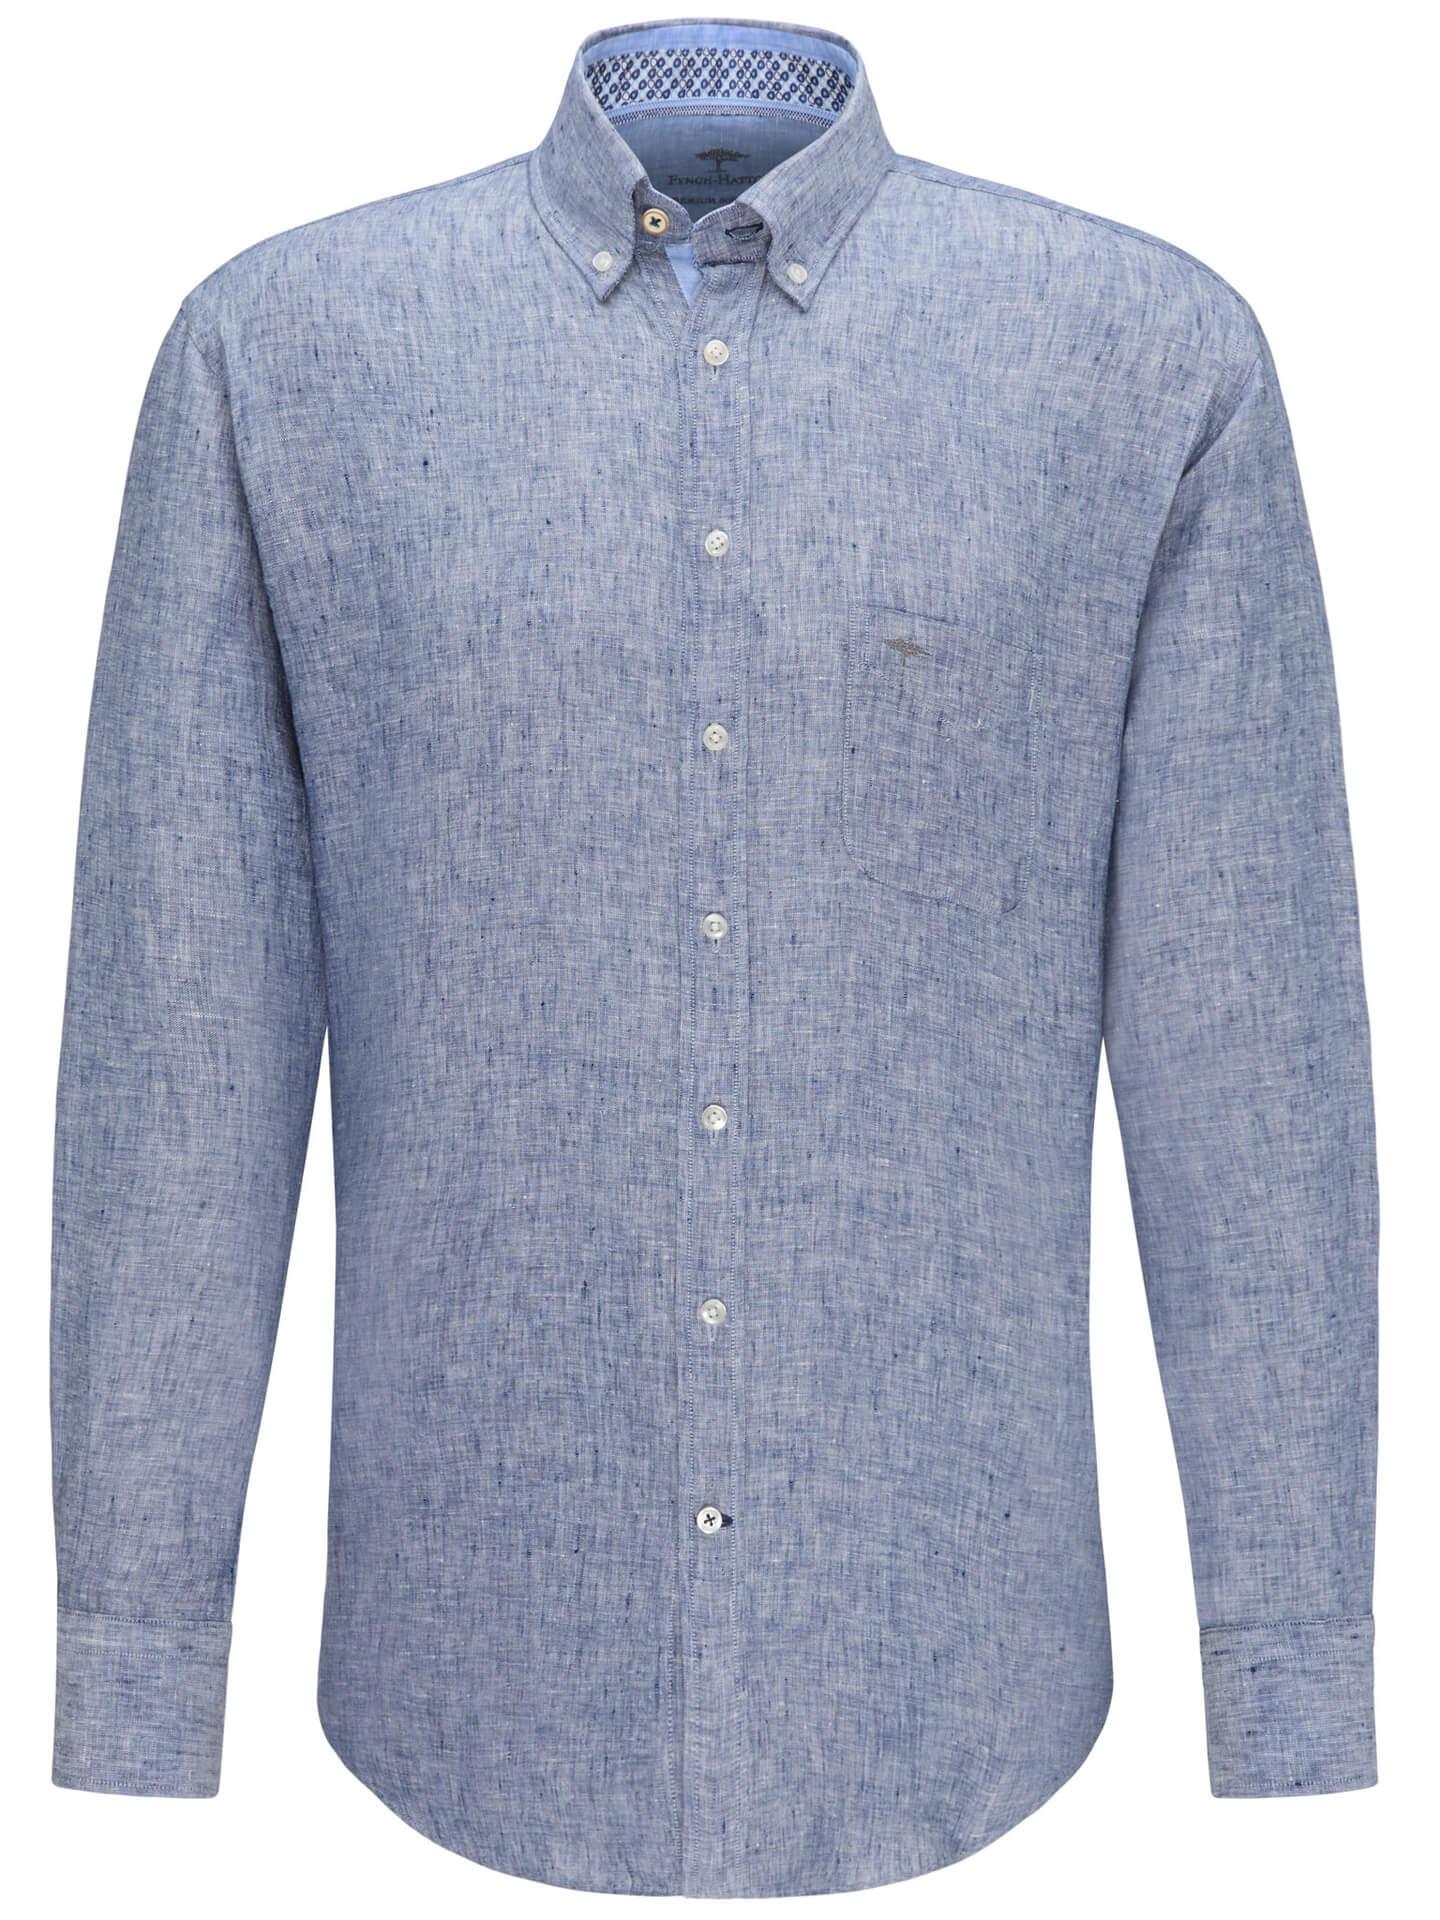 Fynch Hatton Linen Long Sleeve Shirt